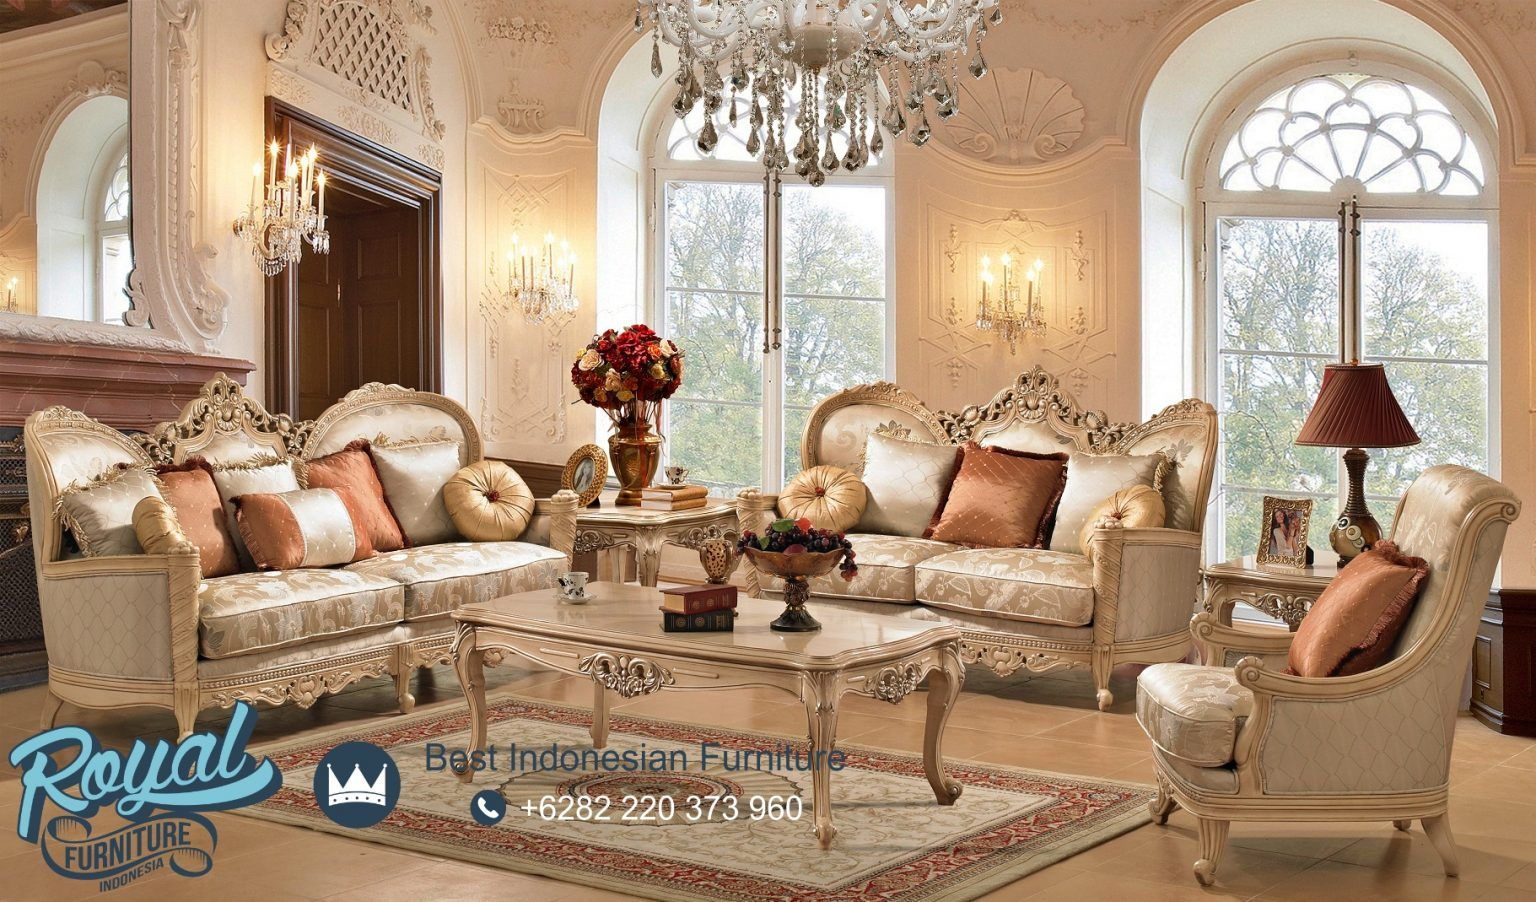 Sofa Tamu Mewah Elegan Living Room Royal Furniture Indonesia Elegant Living Room Furniture Romantic Living Room Formal Living Room Furniture